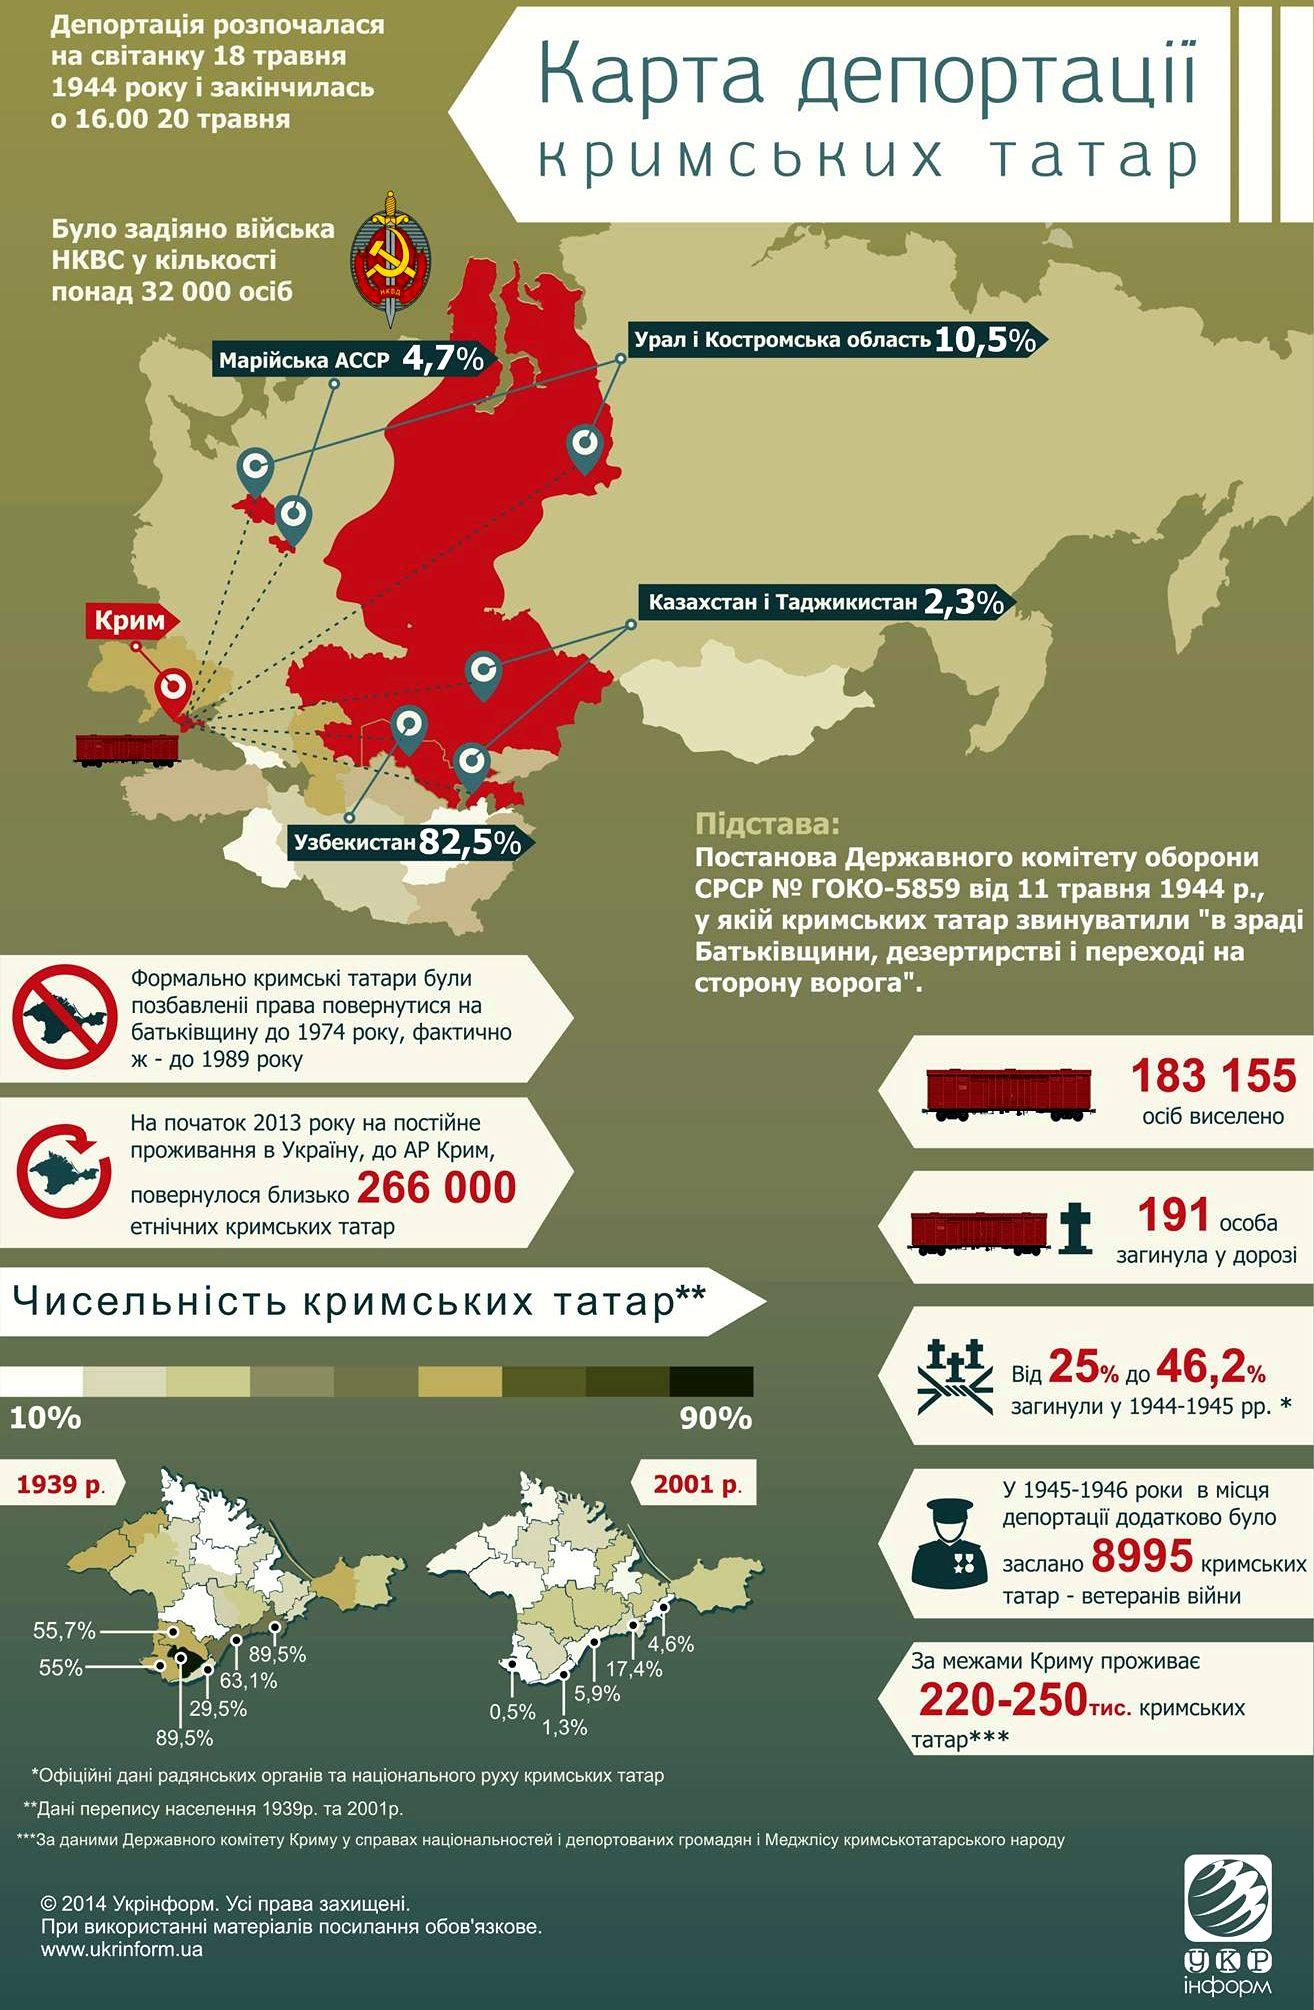 73-я годовщина геноцида крымских татар: оккупанты Крыма волнуются